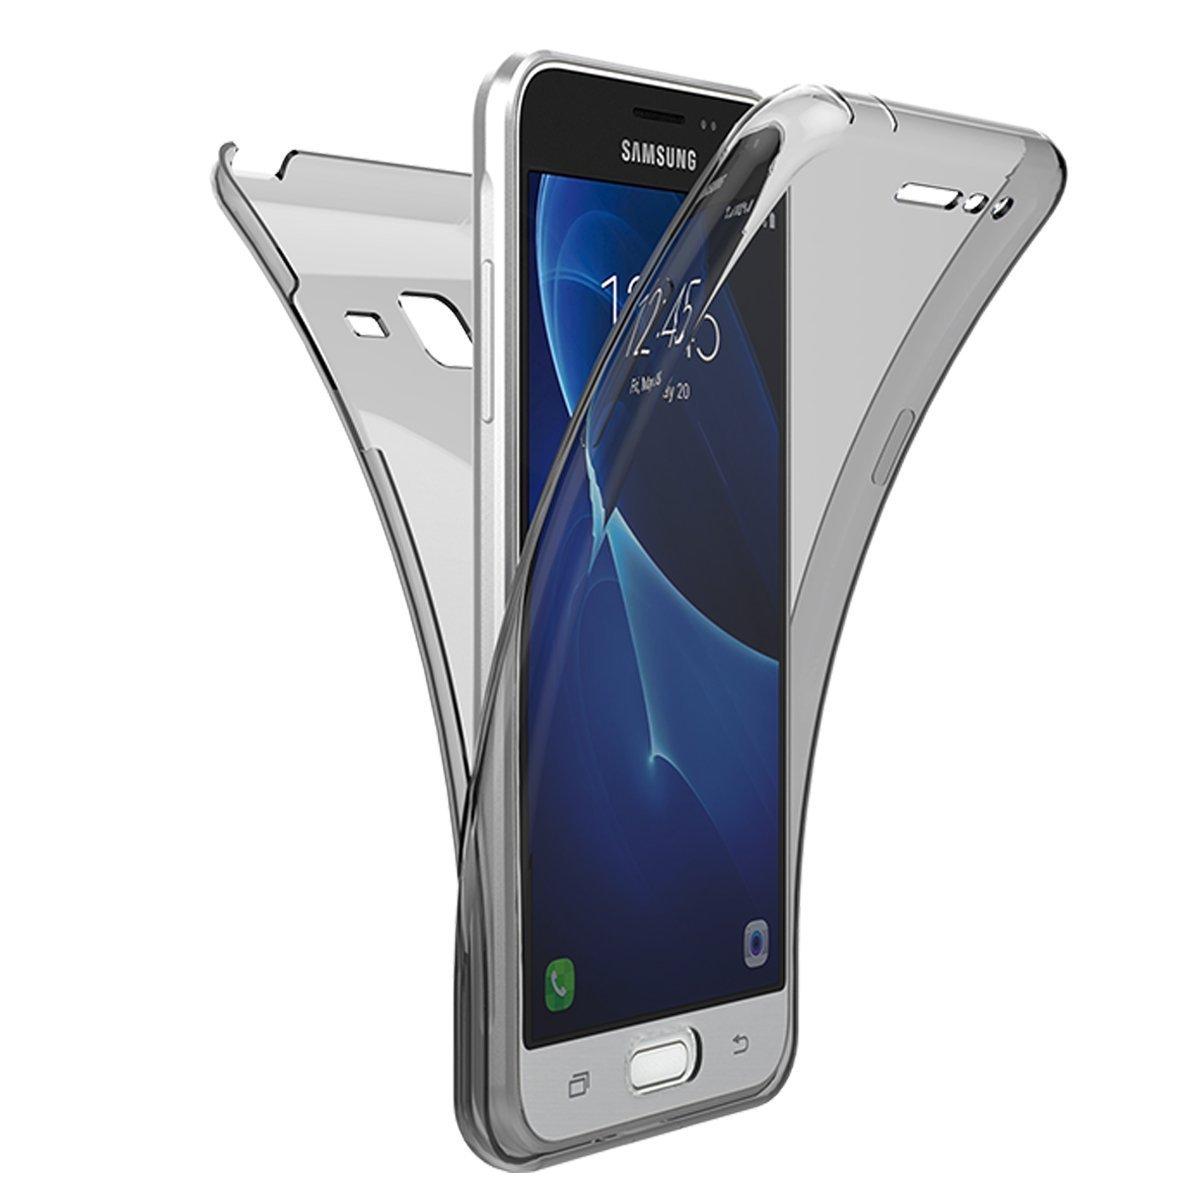 Funda Samsung Galaxy J5 2015, YSIMEE Transparente Silicona 360° Full Body Fundas para Samsung Galaxy J5 2015 Carcasa Protección Bumper Antigolpes Fina Flexibles Delanteros y Traseros para Samsung Galaxy J5 2015-Azul